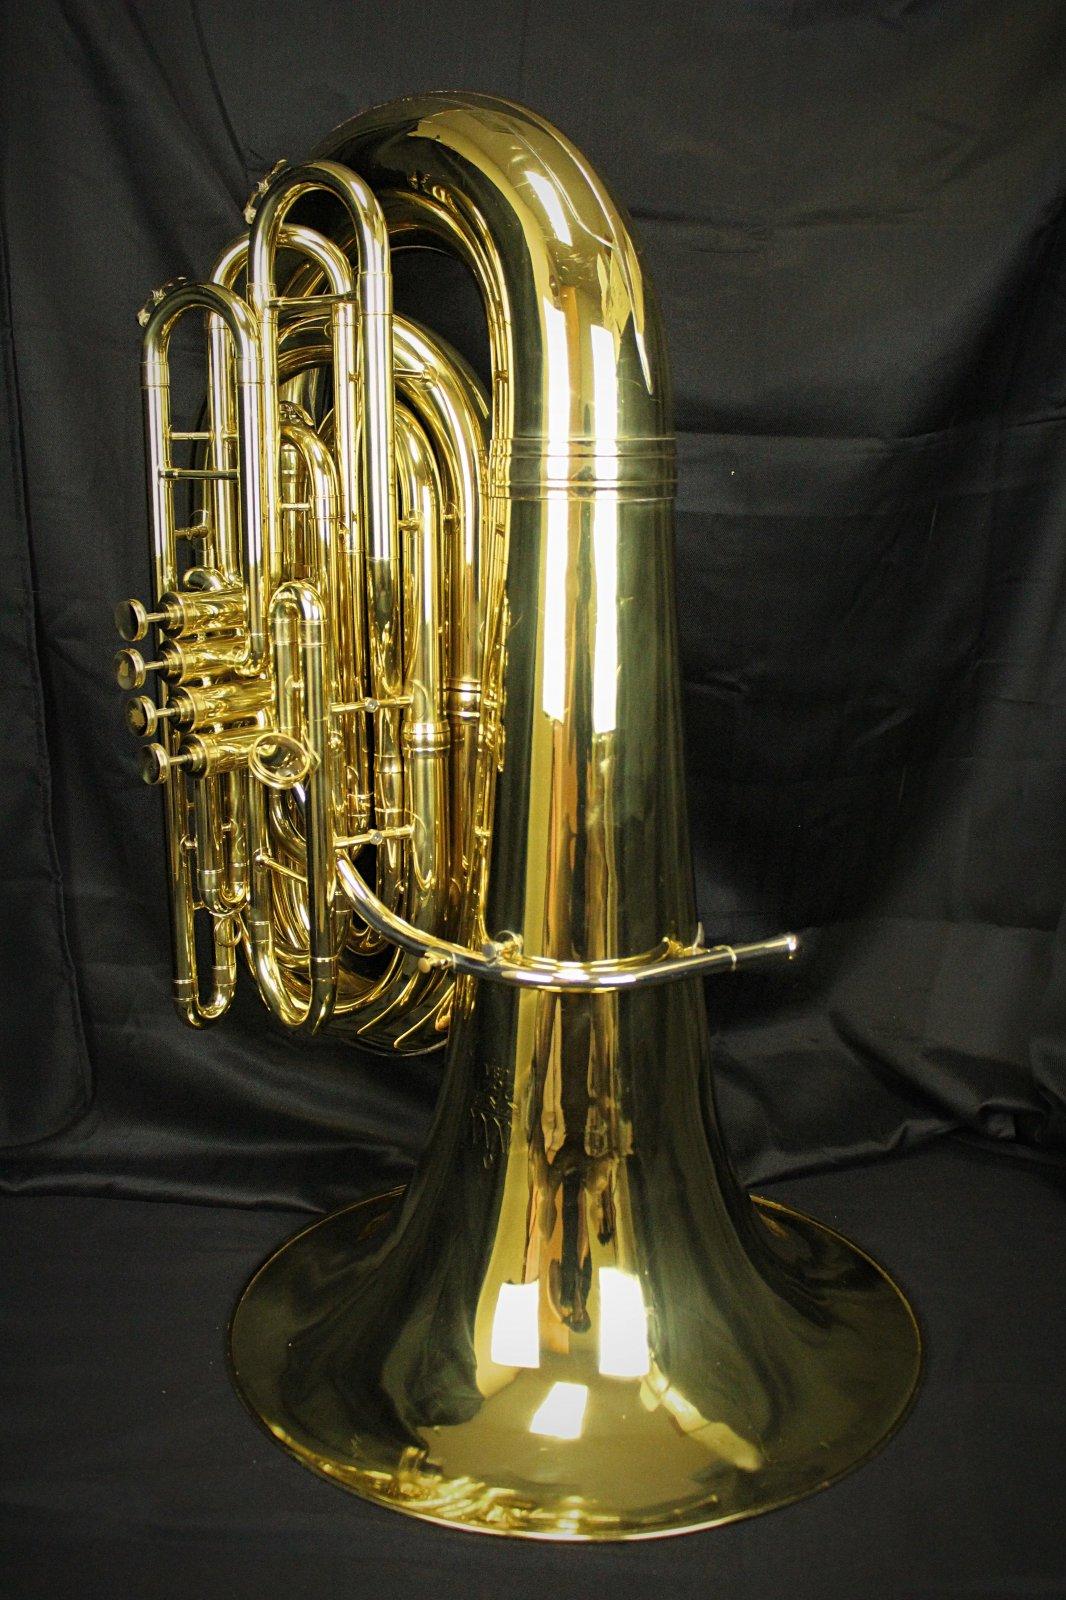 King 4/4 tuba with 4 valves